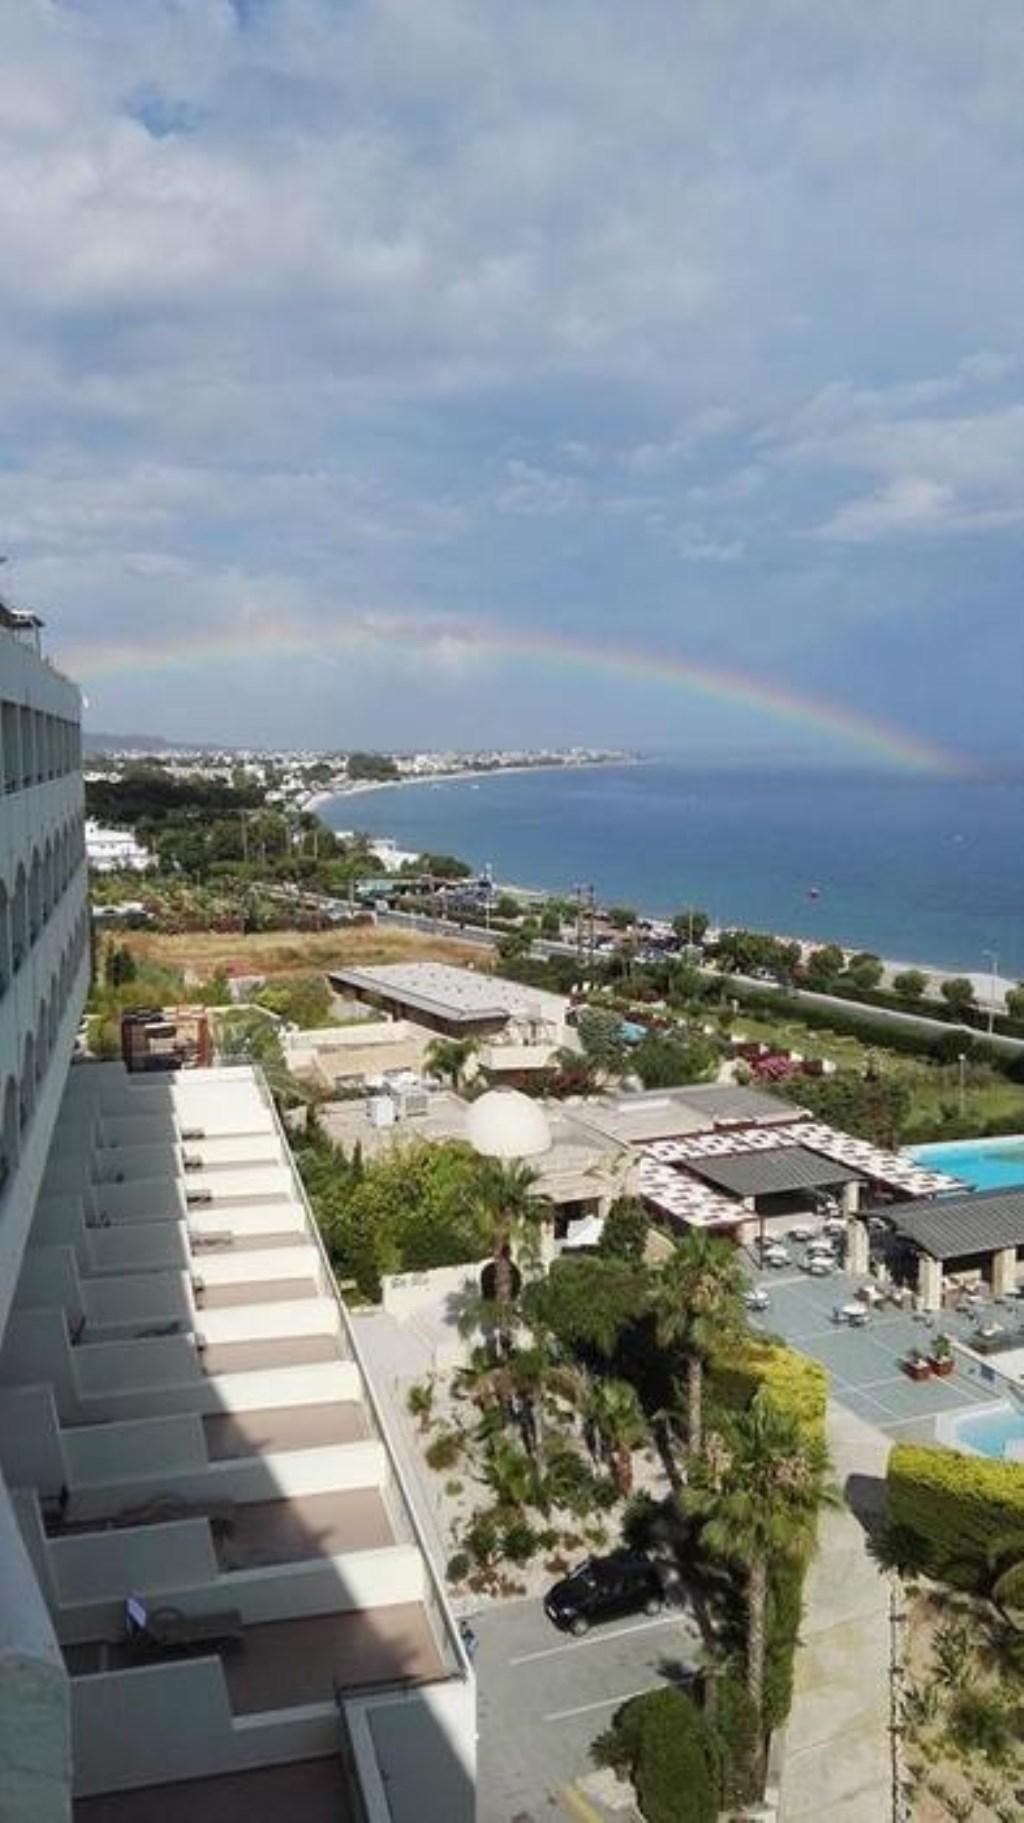 Fran de Jong was op vakantie in Rhodos en zag daar een mooie regenboog. Fran de Jong © BDU media